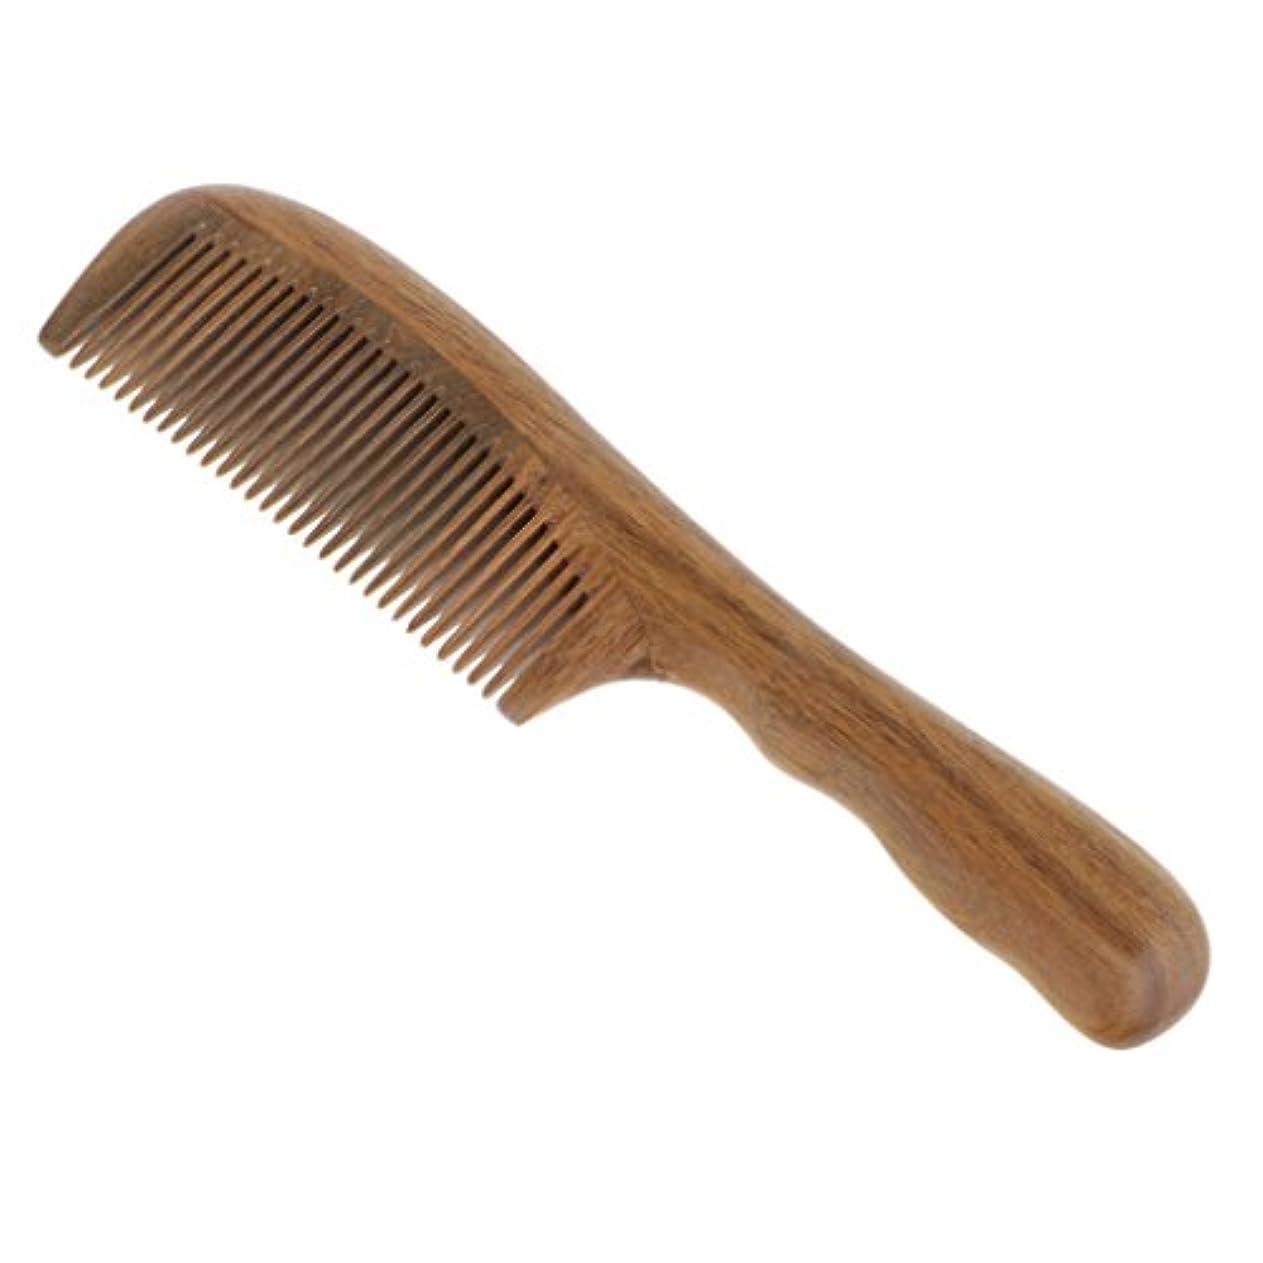 ワードローブ証書一瞬コーム 櫛 木製 ヘアブラシ ウッドコーム 頭皮マッサージ 帯電防止 2タイプ選べる - 細かい歯